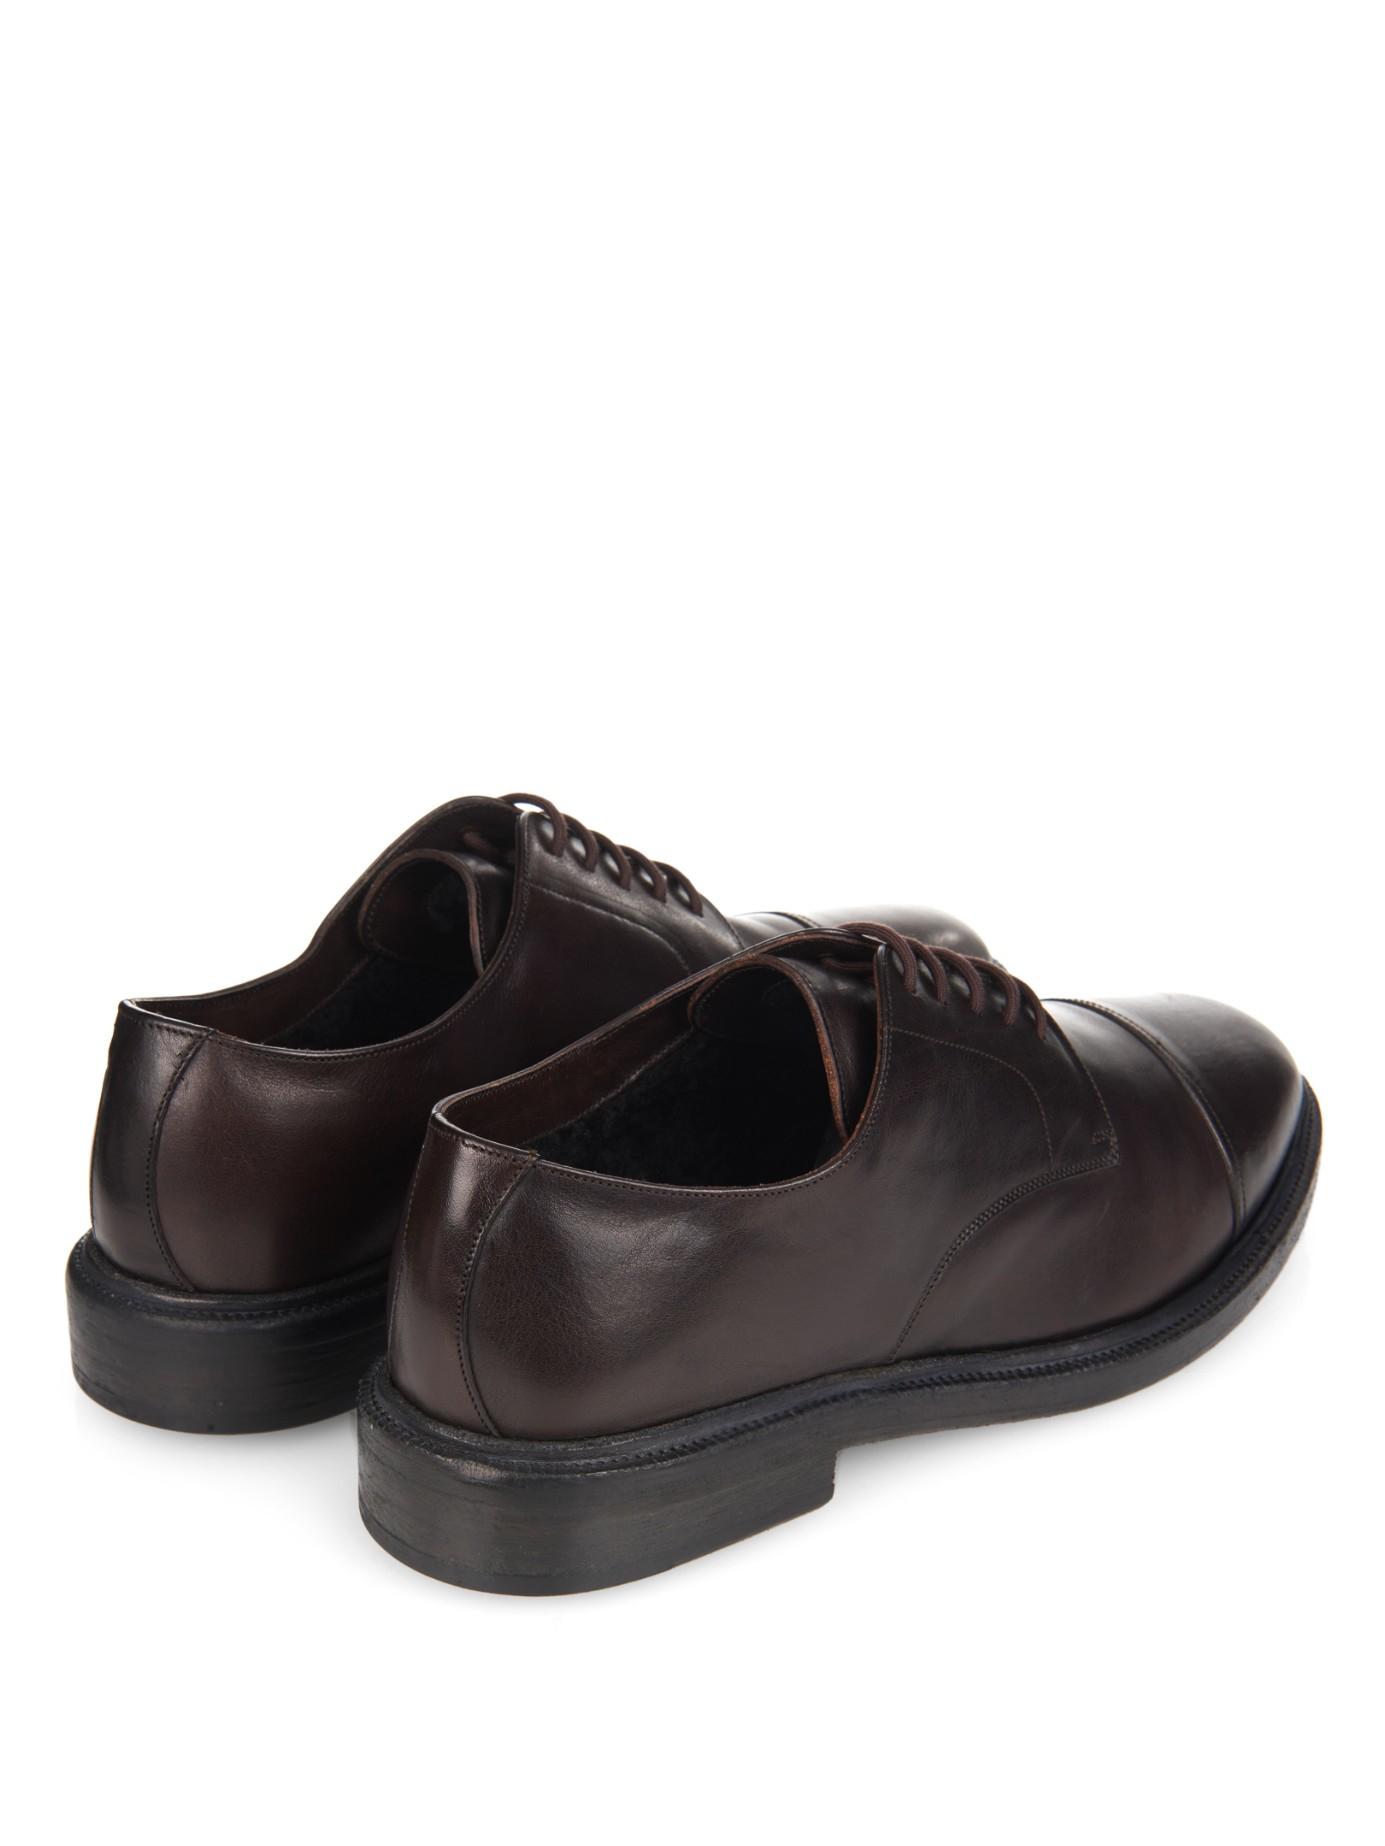 Burberry Prorsum Mens Shoes